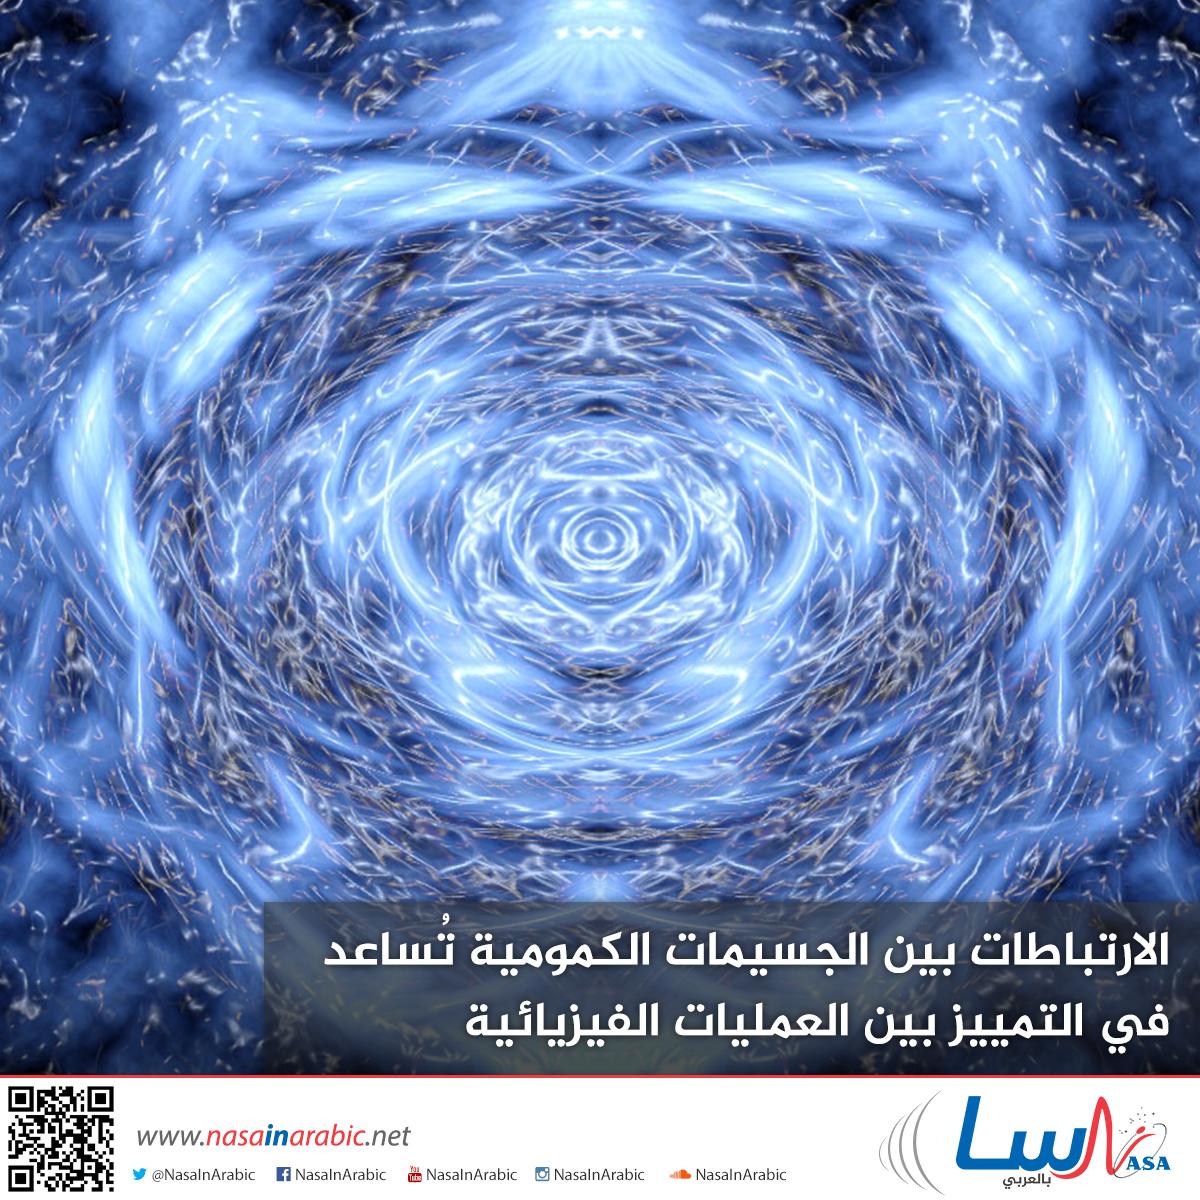 الارتباطات بين الجسيمات الكمومية تُساعد في التمييز بين العمليات الفيزيائية